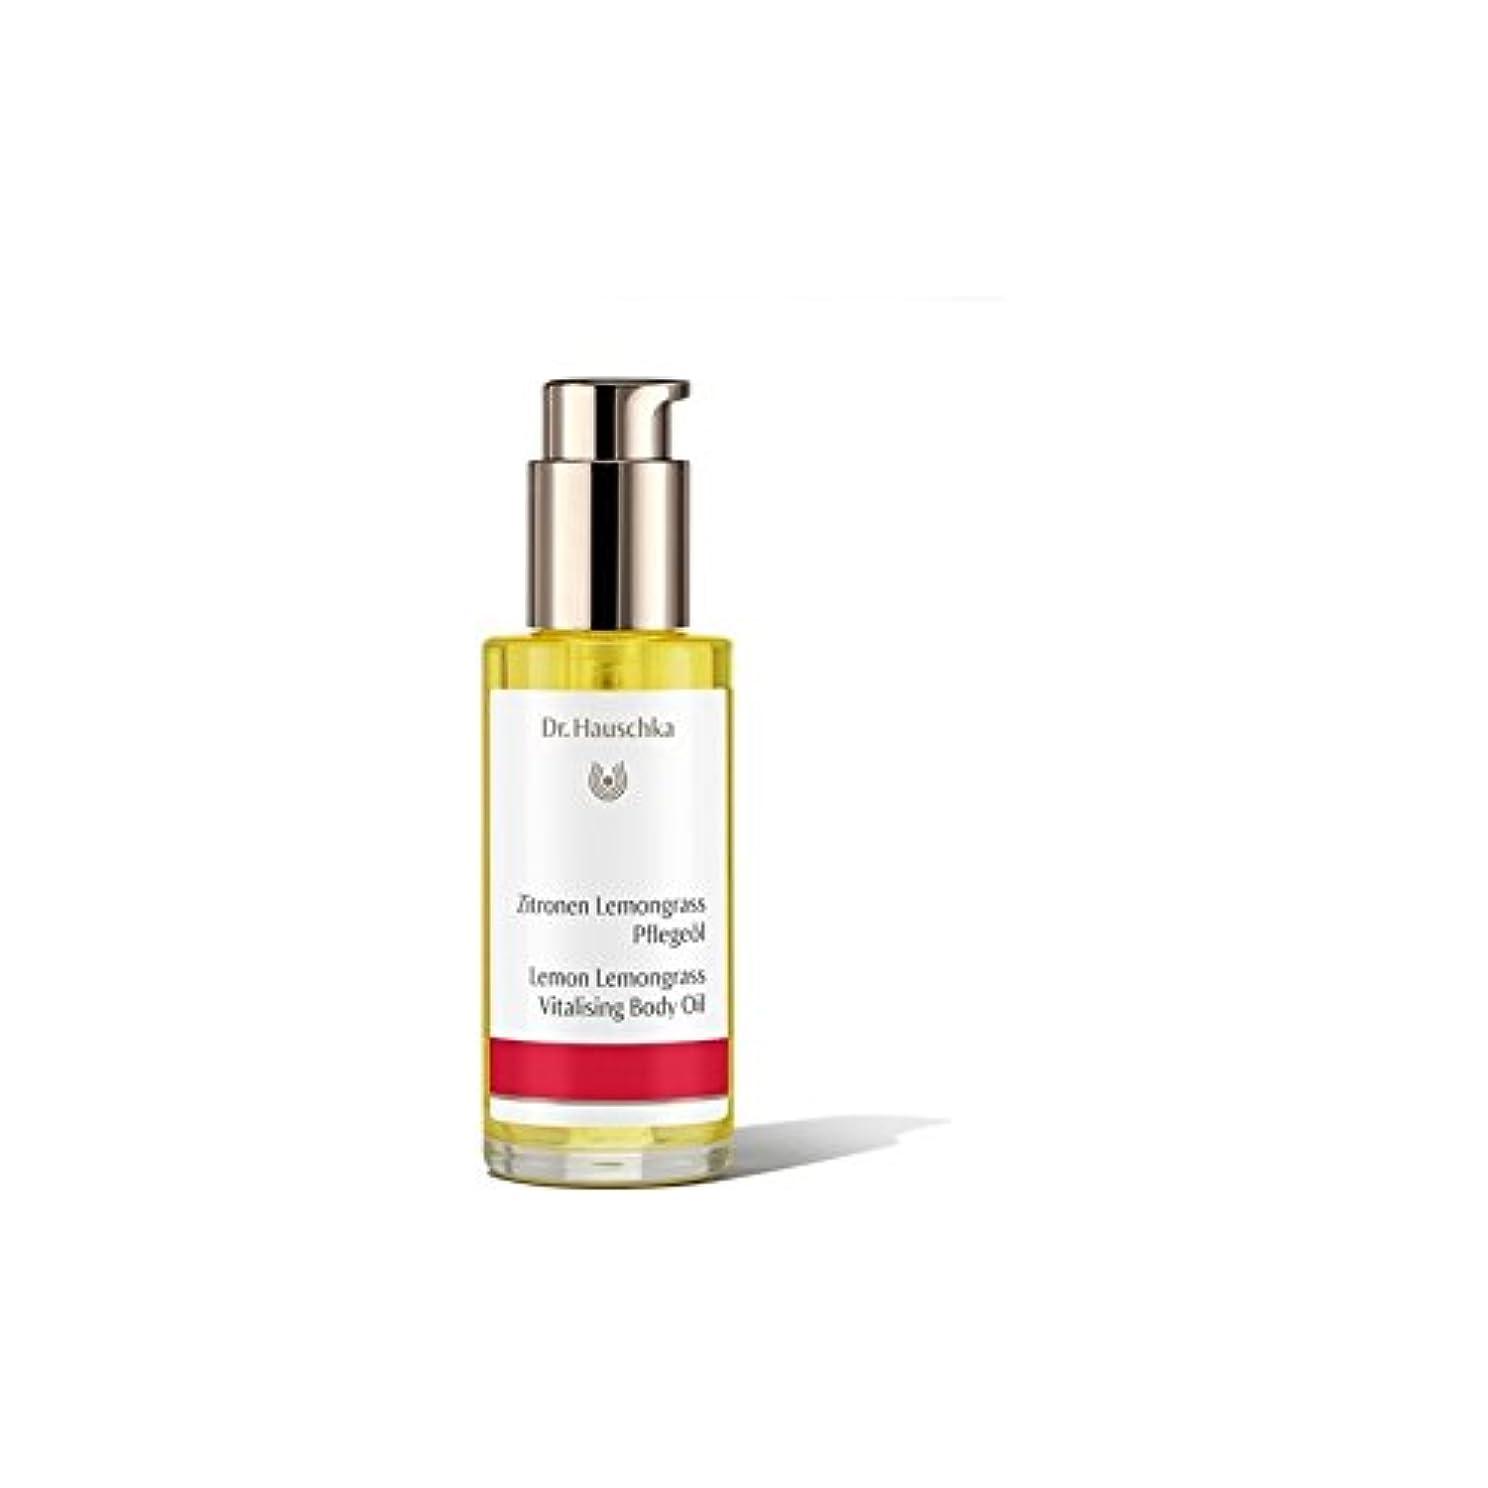 オリエンタル暴露スチールDr. Hauschka Lemon Lemongrass Vitalising Body Oil (75ml) - ハウシュカレモンレモングラスボディオイル(75ミリリットル) [並行輸入品]